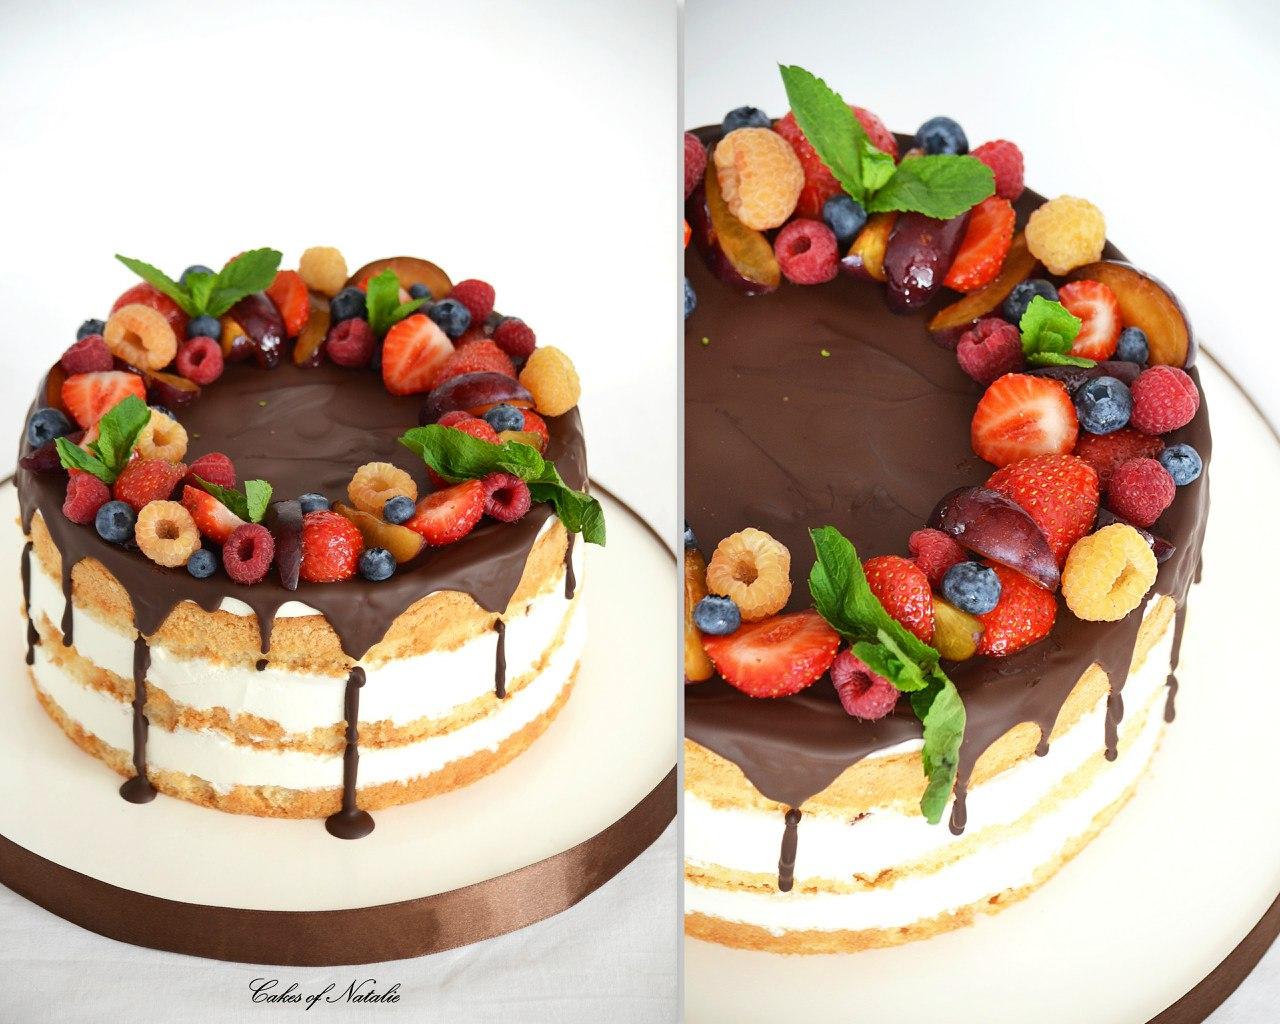 Бисквитный торт с фруктами и шоколадной глазурью рецепт